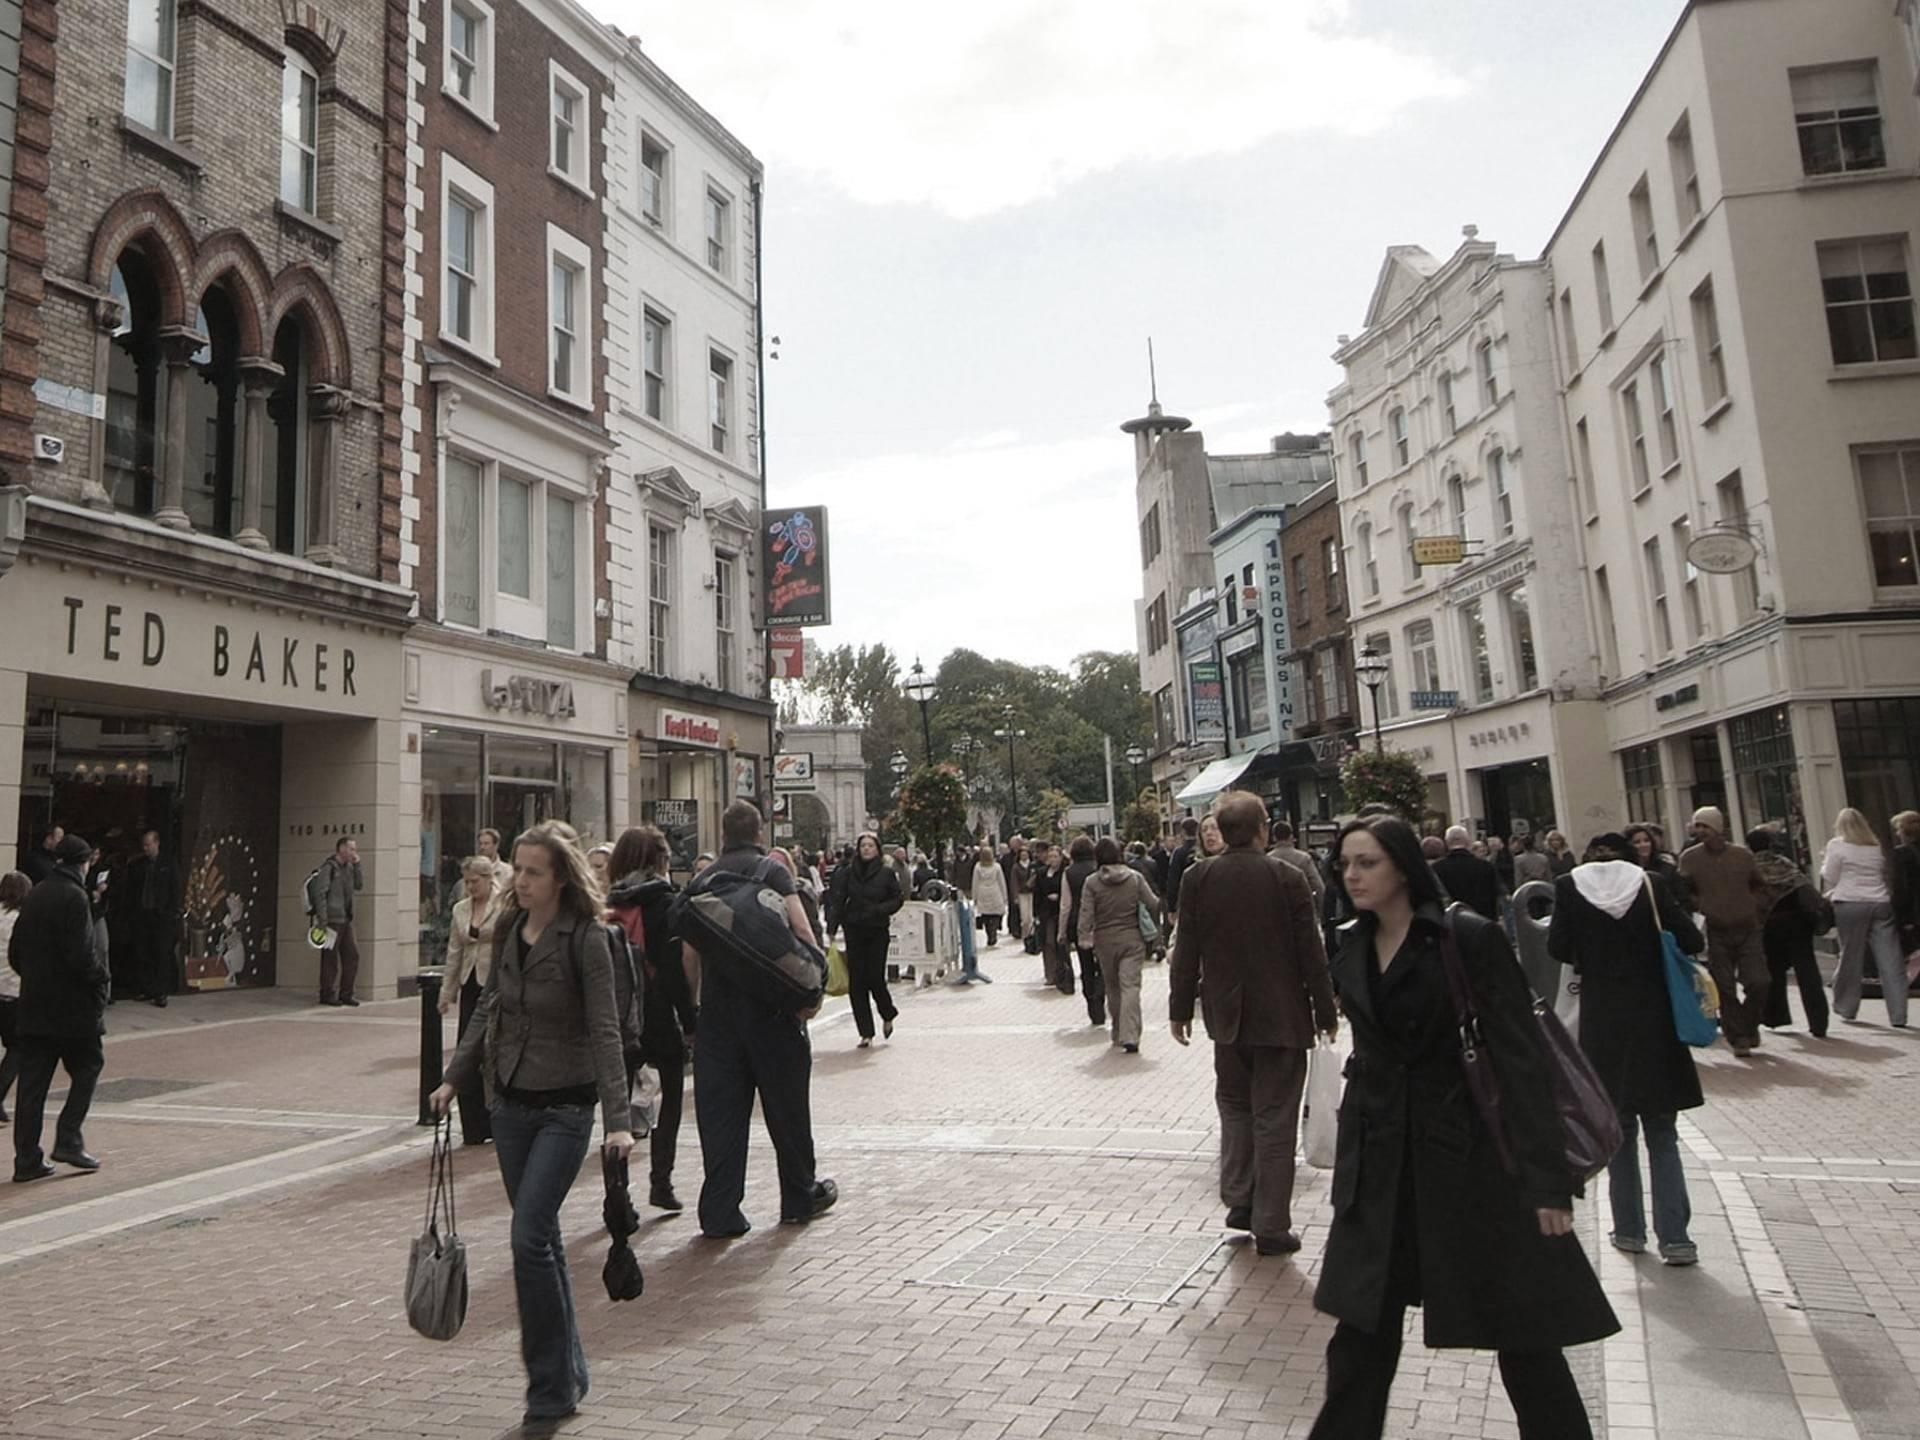 People shopping on Grafton Street